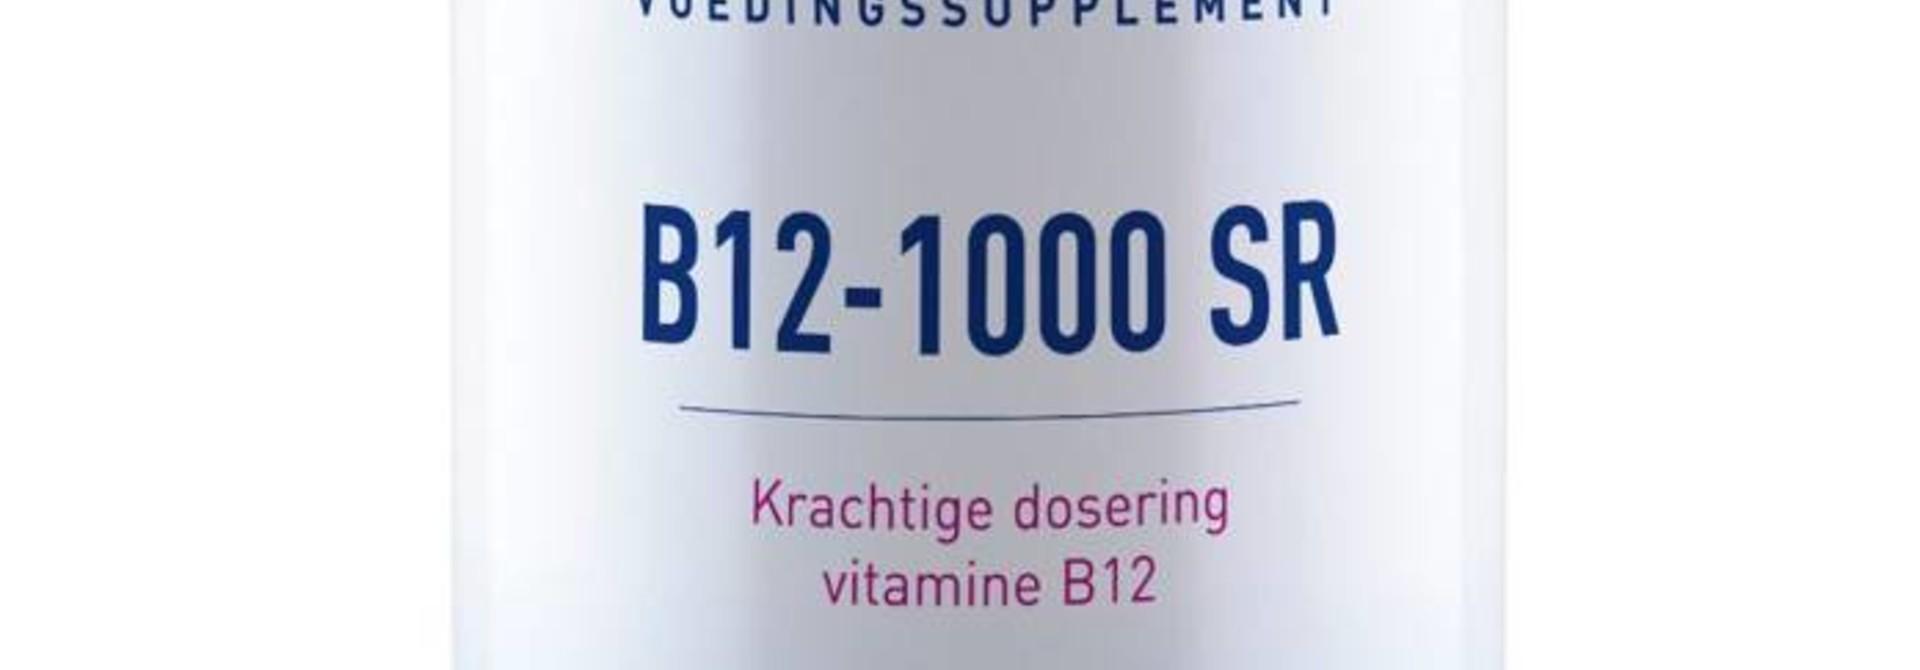 Vitamine B12 1000 SR 90 tabletten